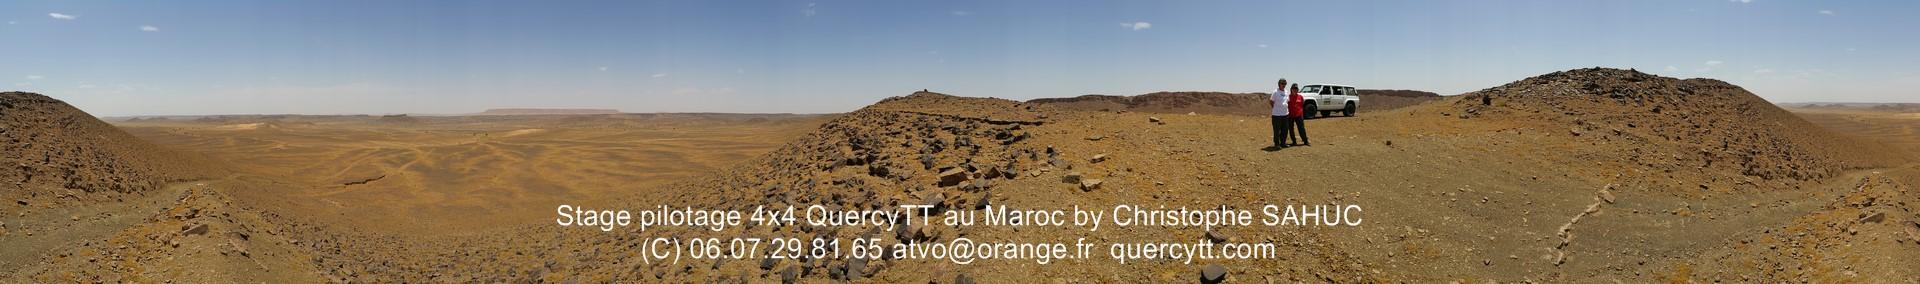 Stage pilotage et navigation au Maroc